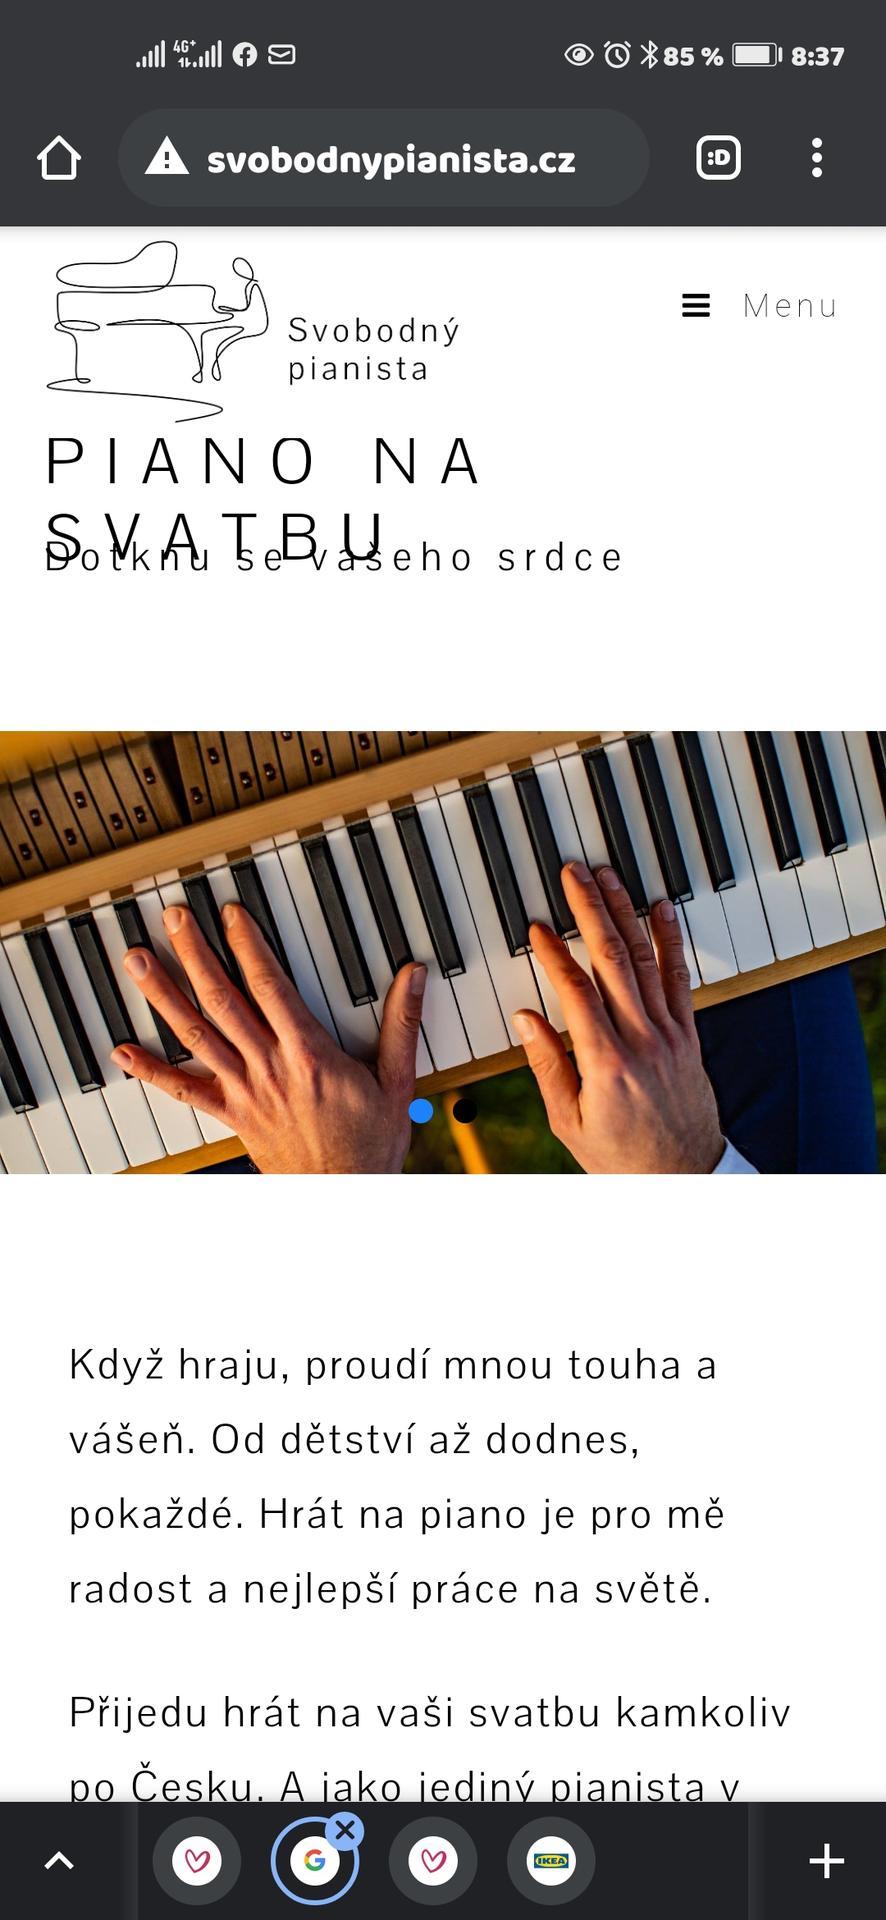 Vrabcovi 10.9.2022 - Během obřadu a poté nám bude hrát šikovný Pavel, rozhodujeme se mezi klasickým a elektrickým pianem